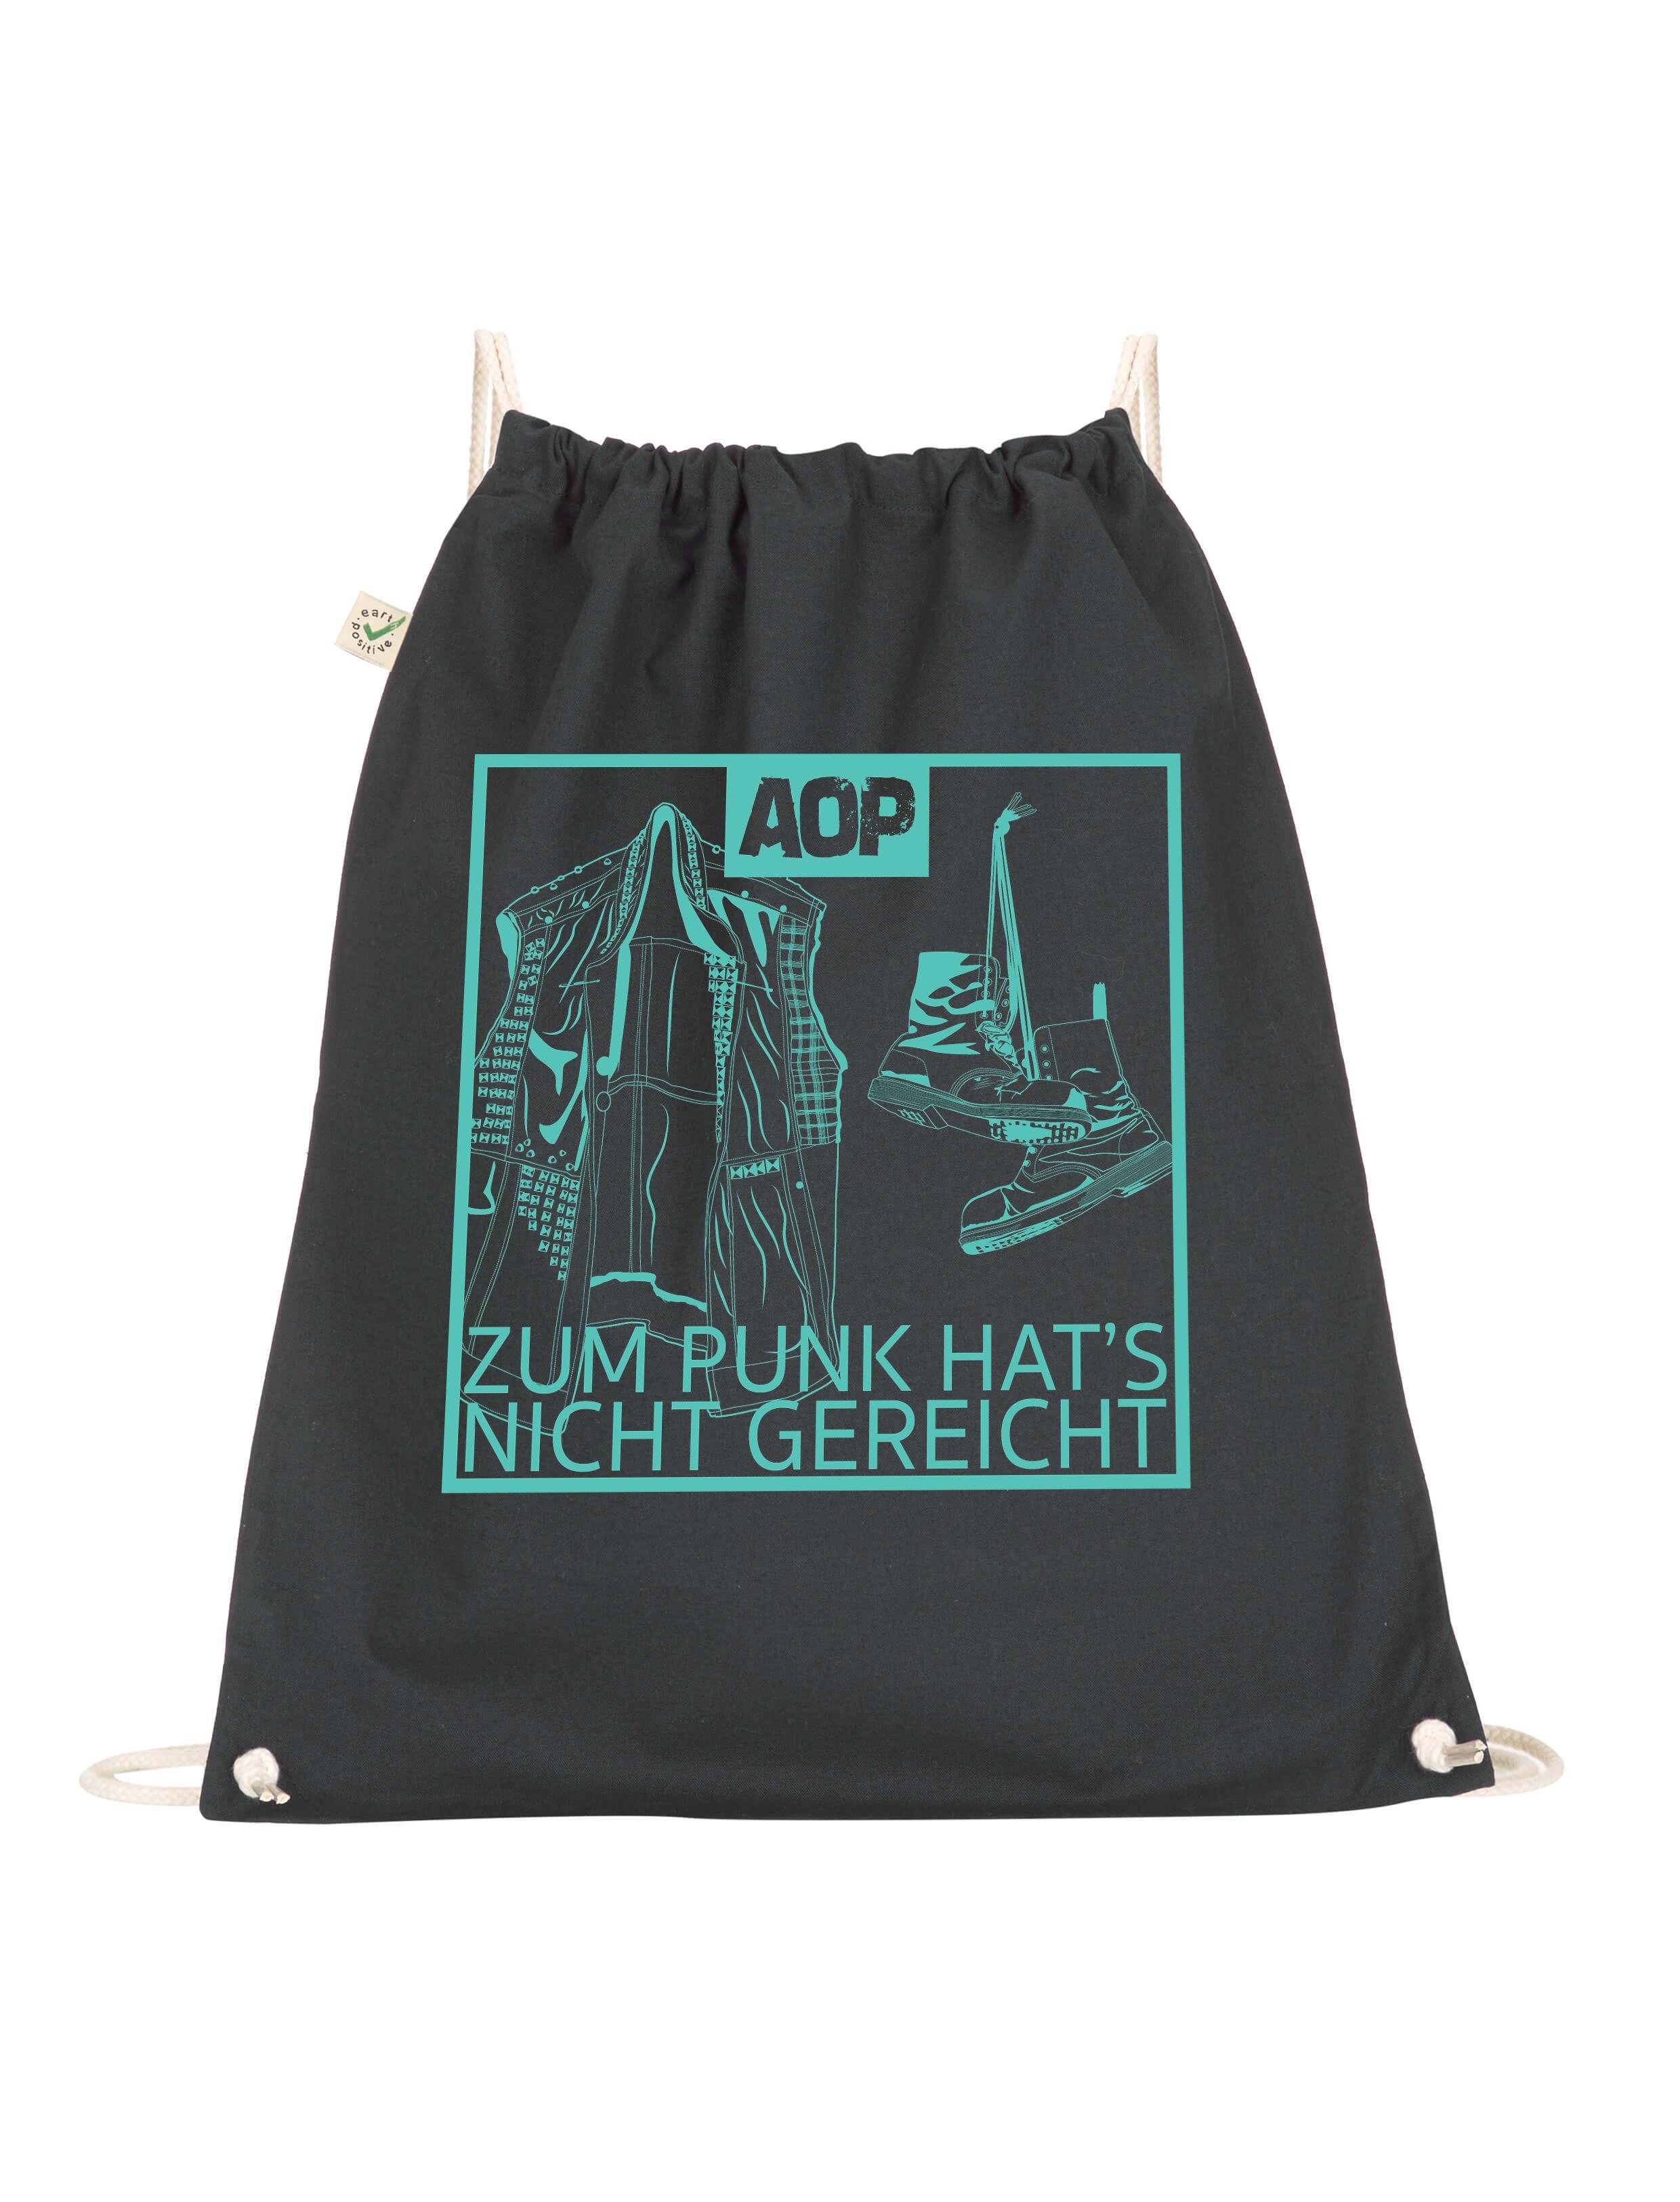 AOP – Zum Punk hat's nicht gereicht – Gym-Bag (schwarz)